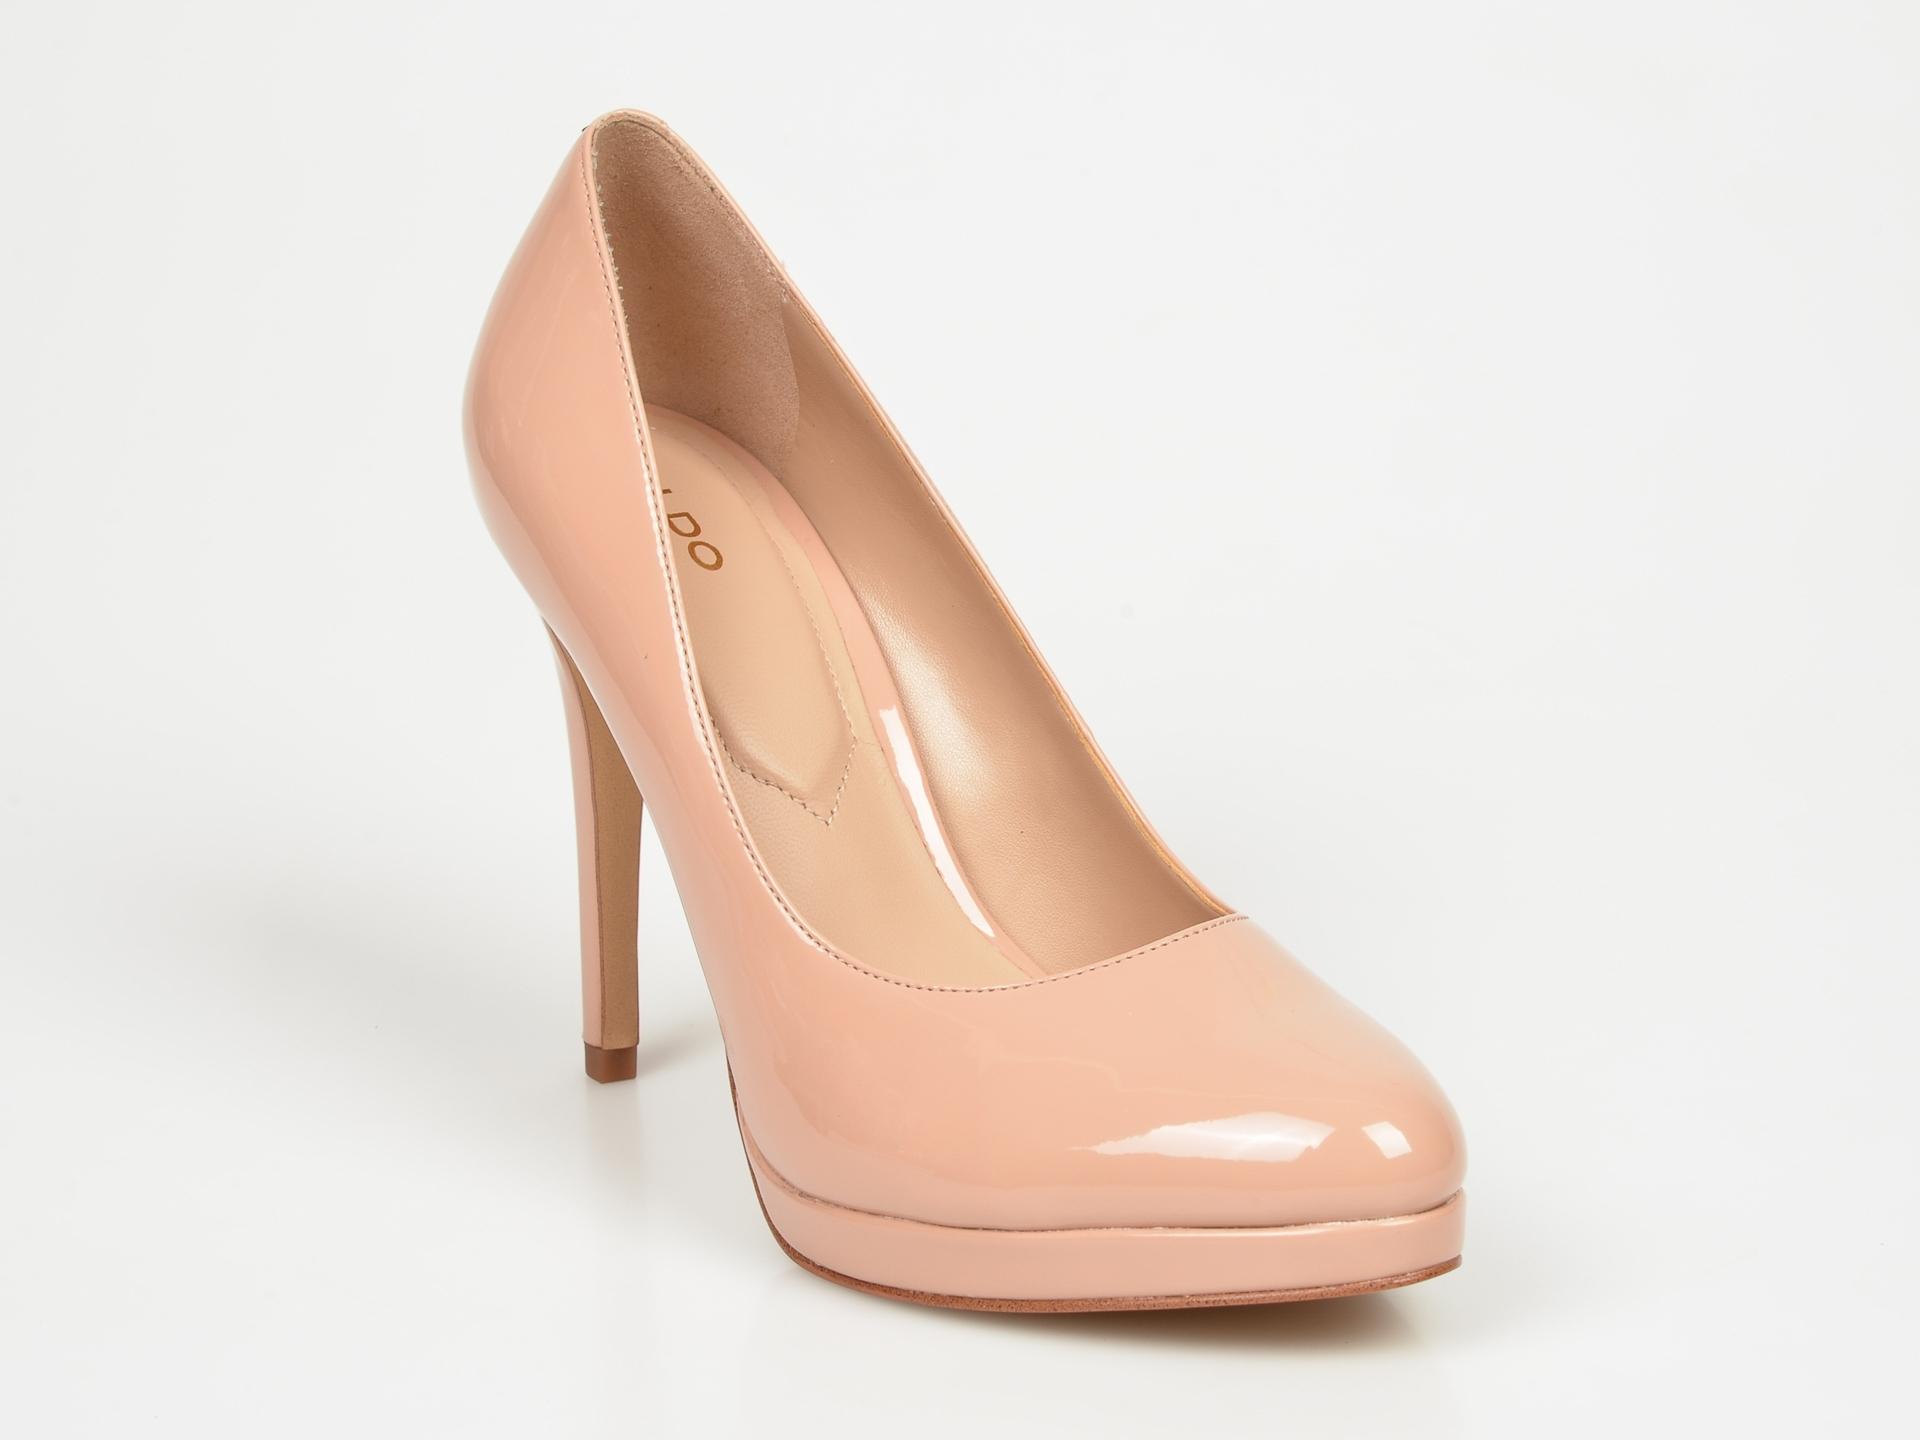 Pantofi ALDO nude Ibaoni din piele ecologica